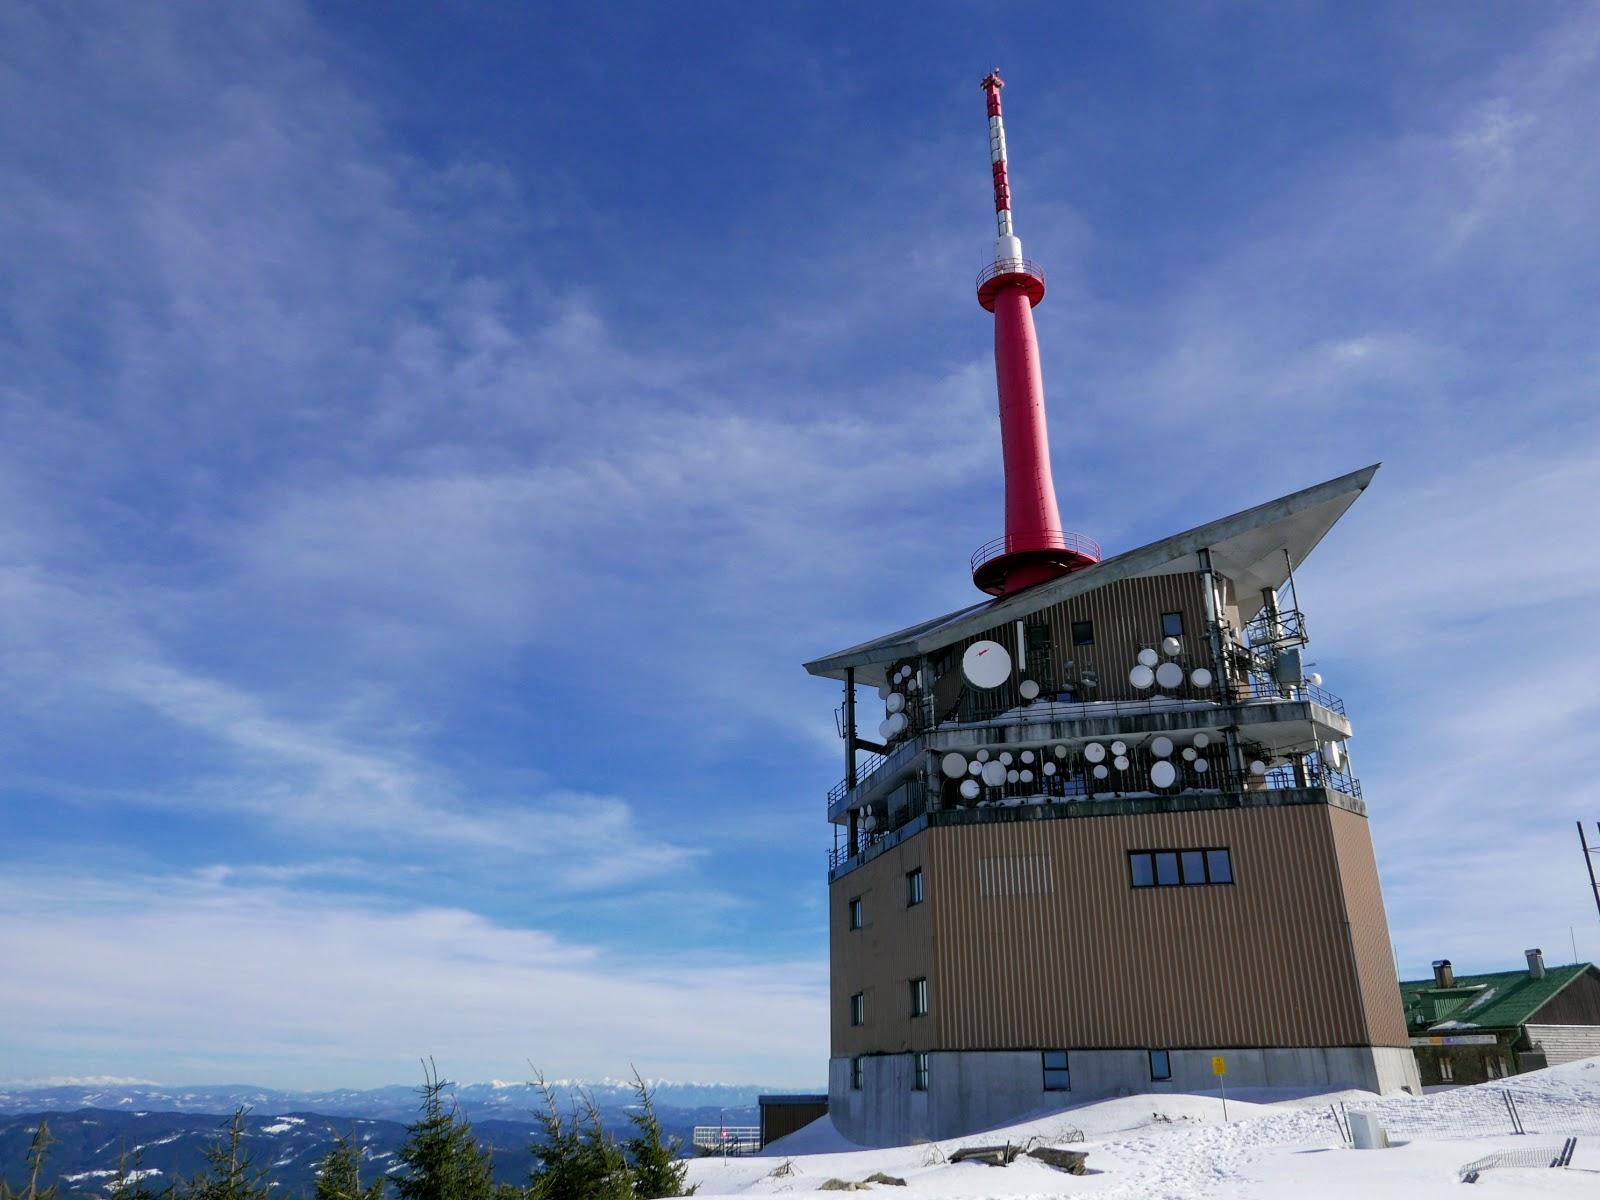 Łysa Góra wieża czechy